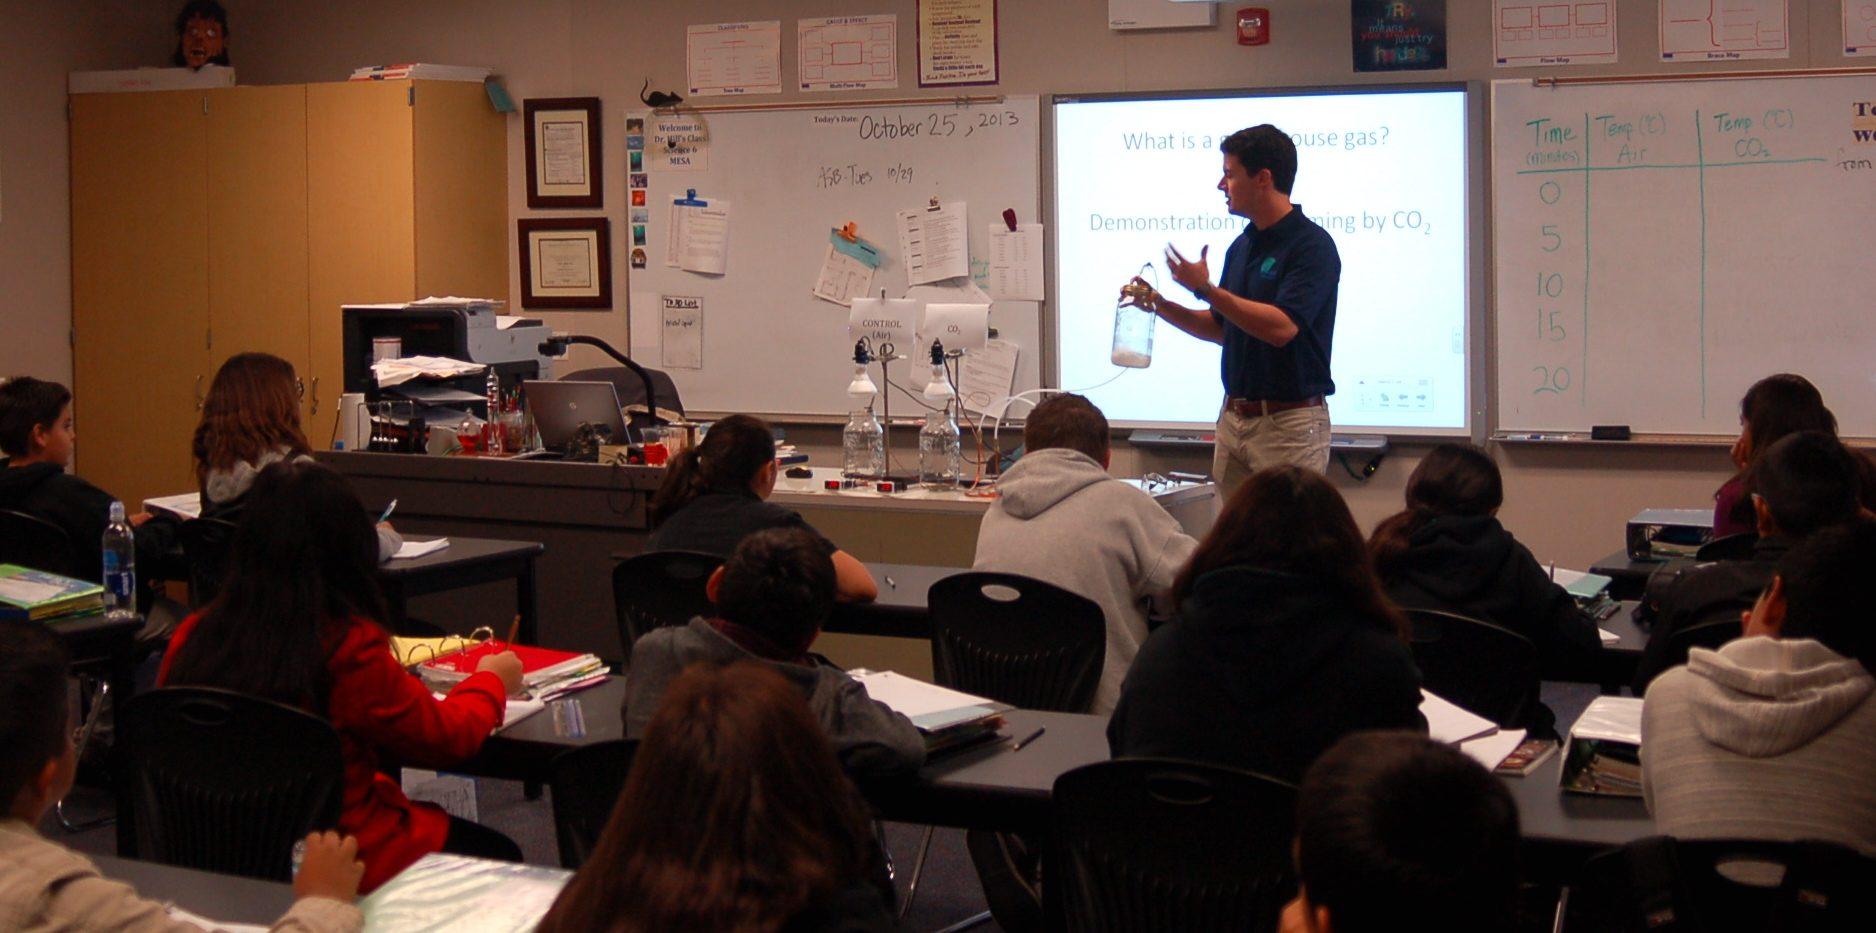 Clayton_Teaching